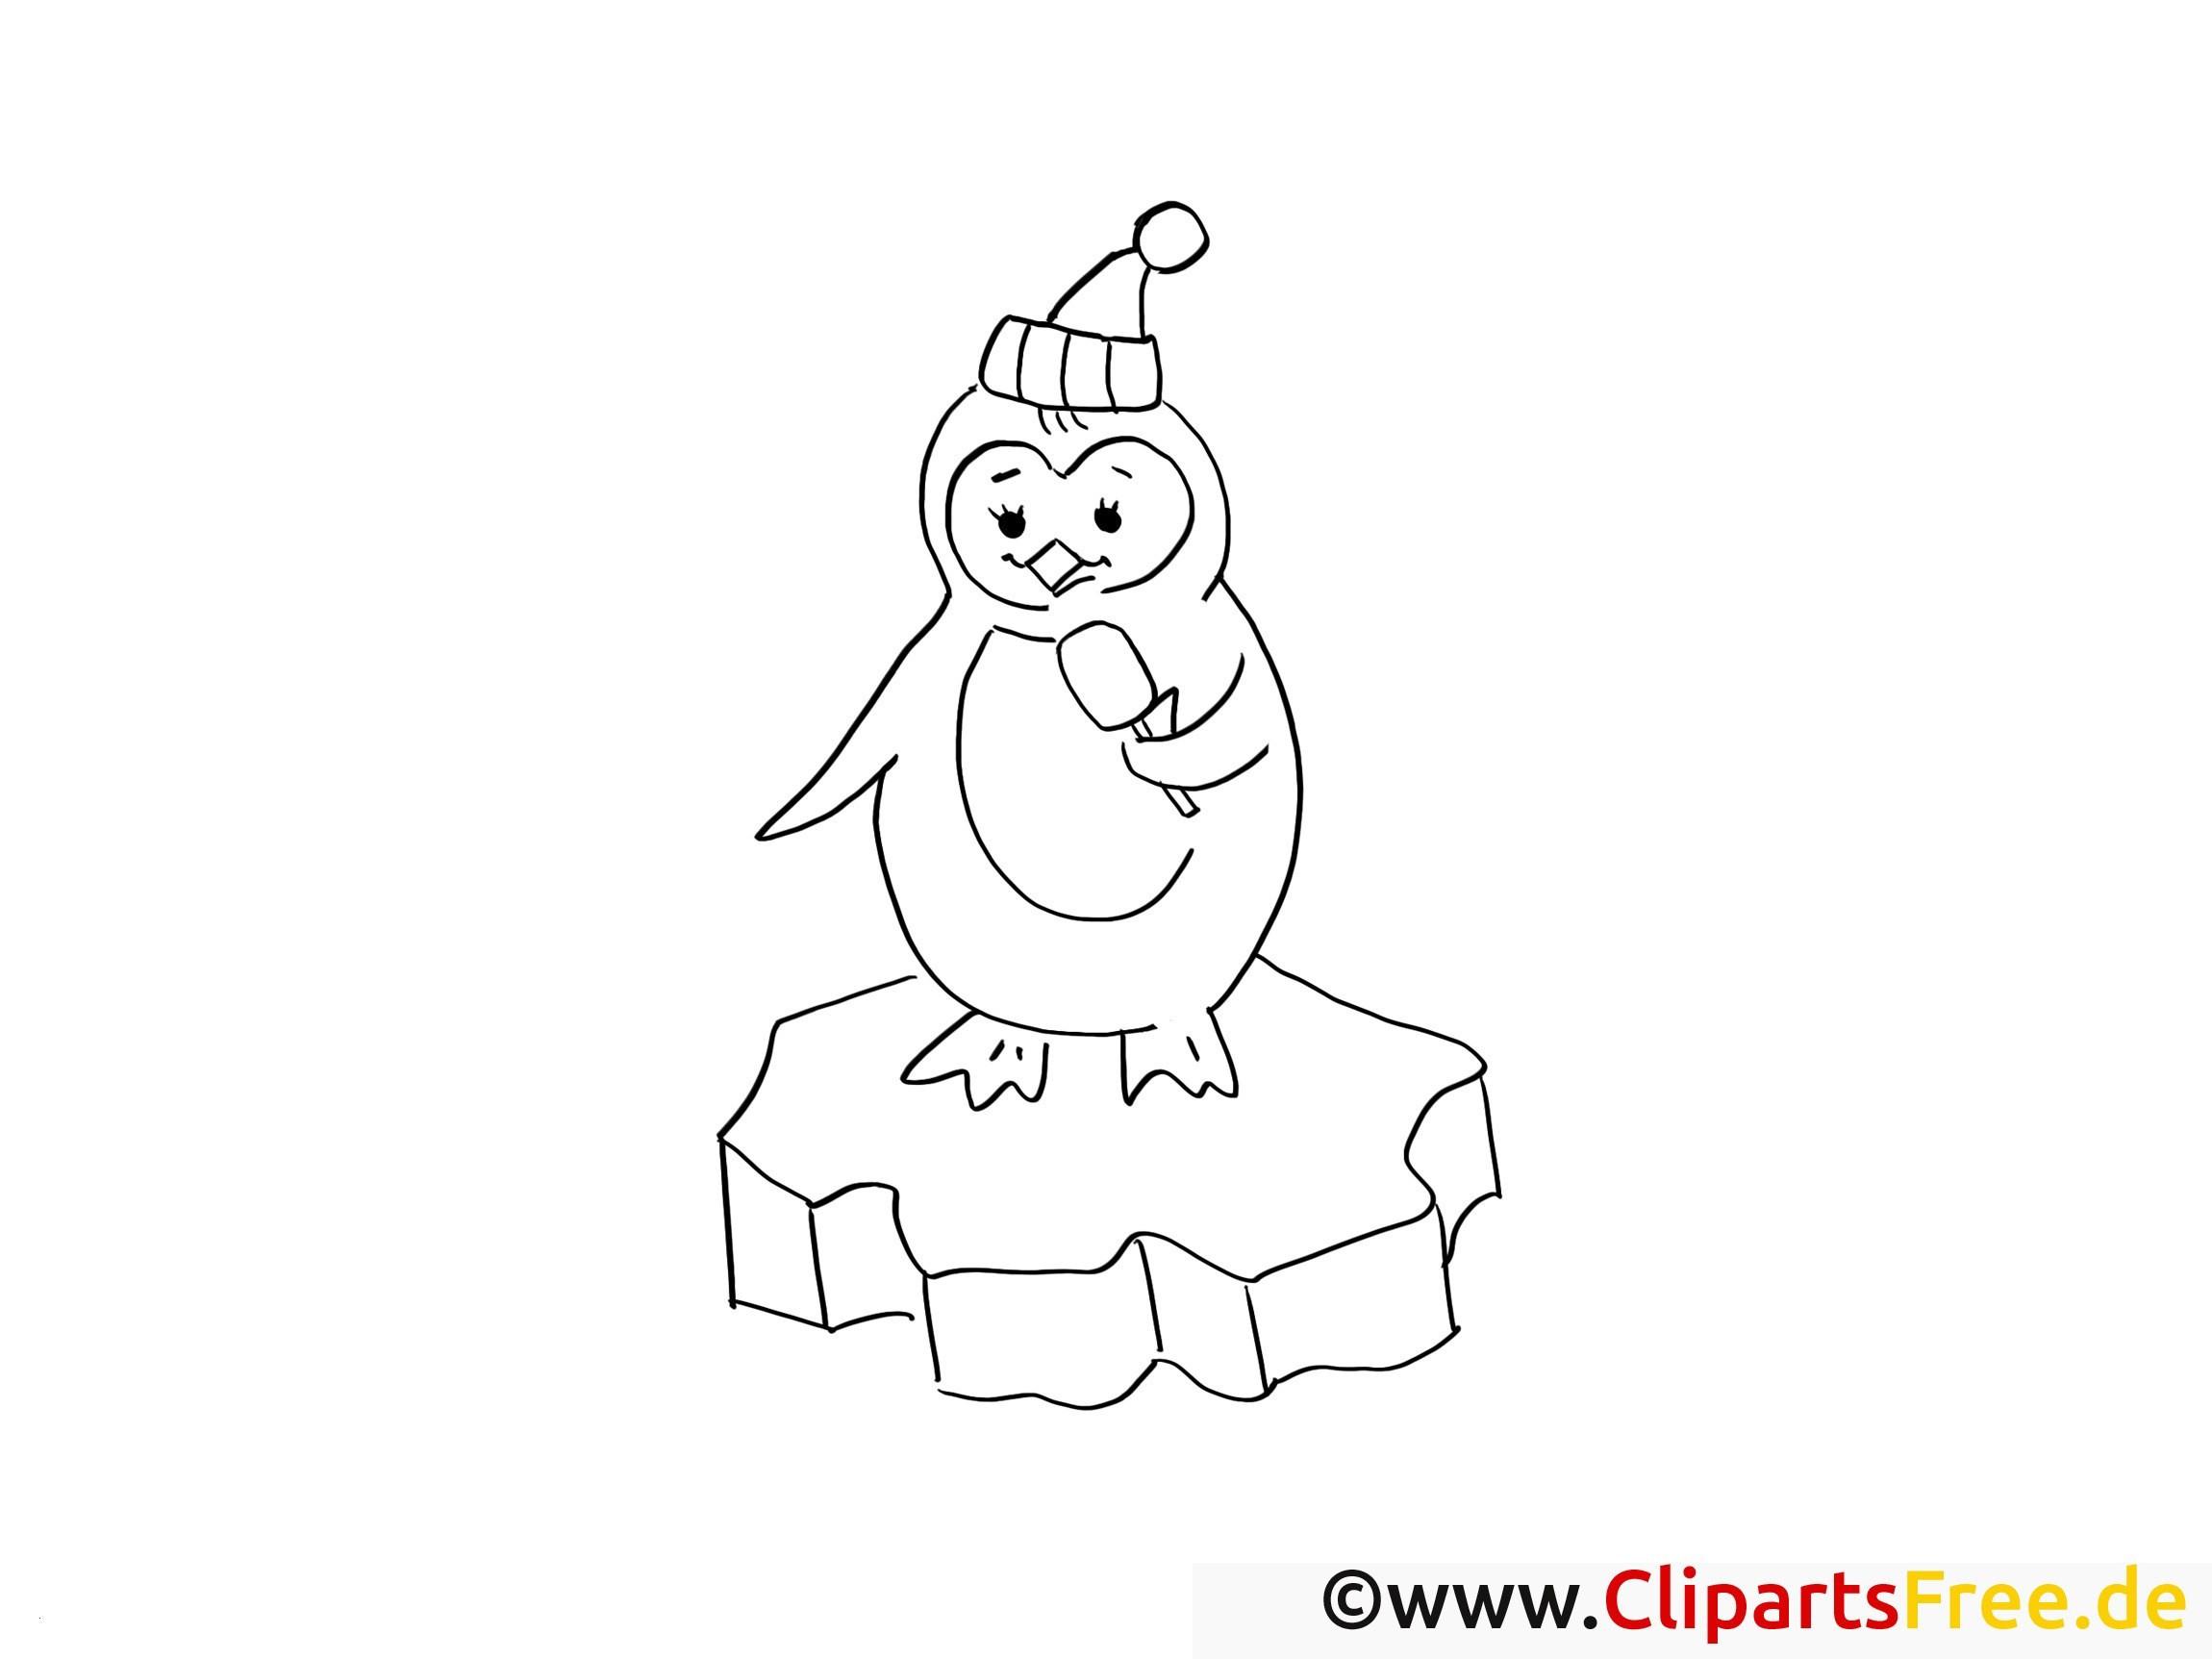 Malvorlage Eule Auf ast Neu Eule Malvorlagen Pdf Inspirierend Pinguin Ausmalbilder Best Advent Sammlung